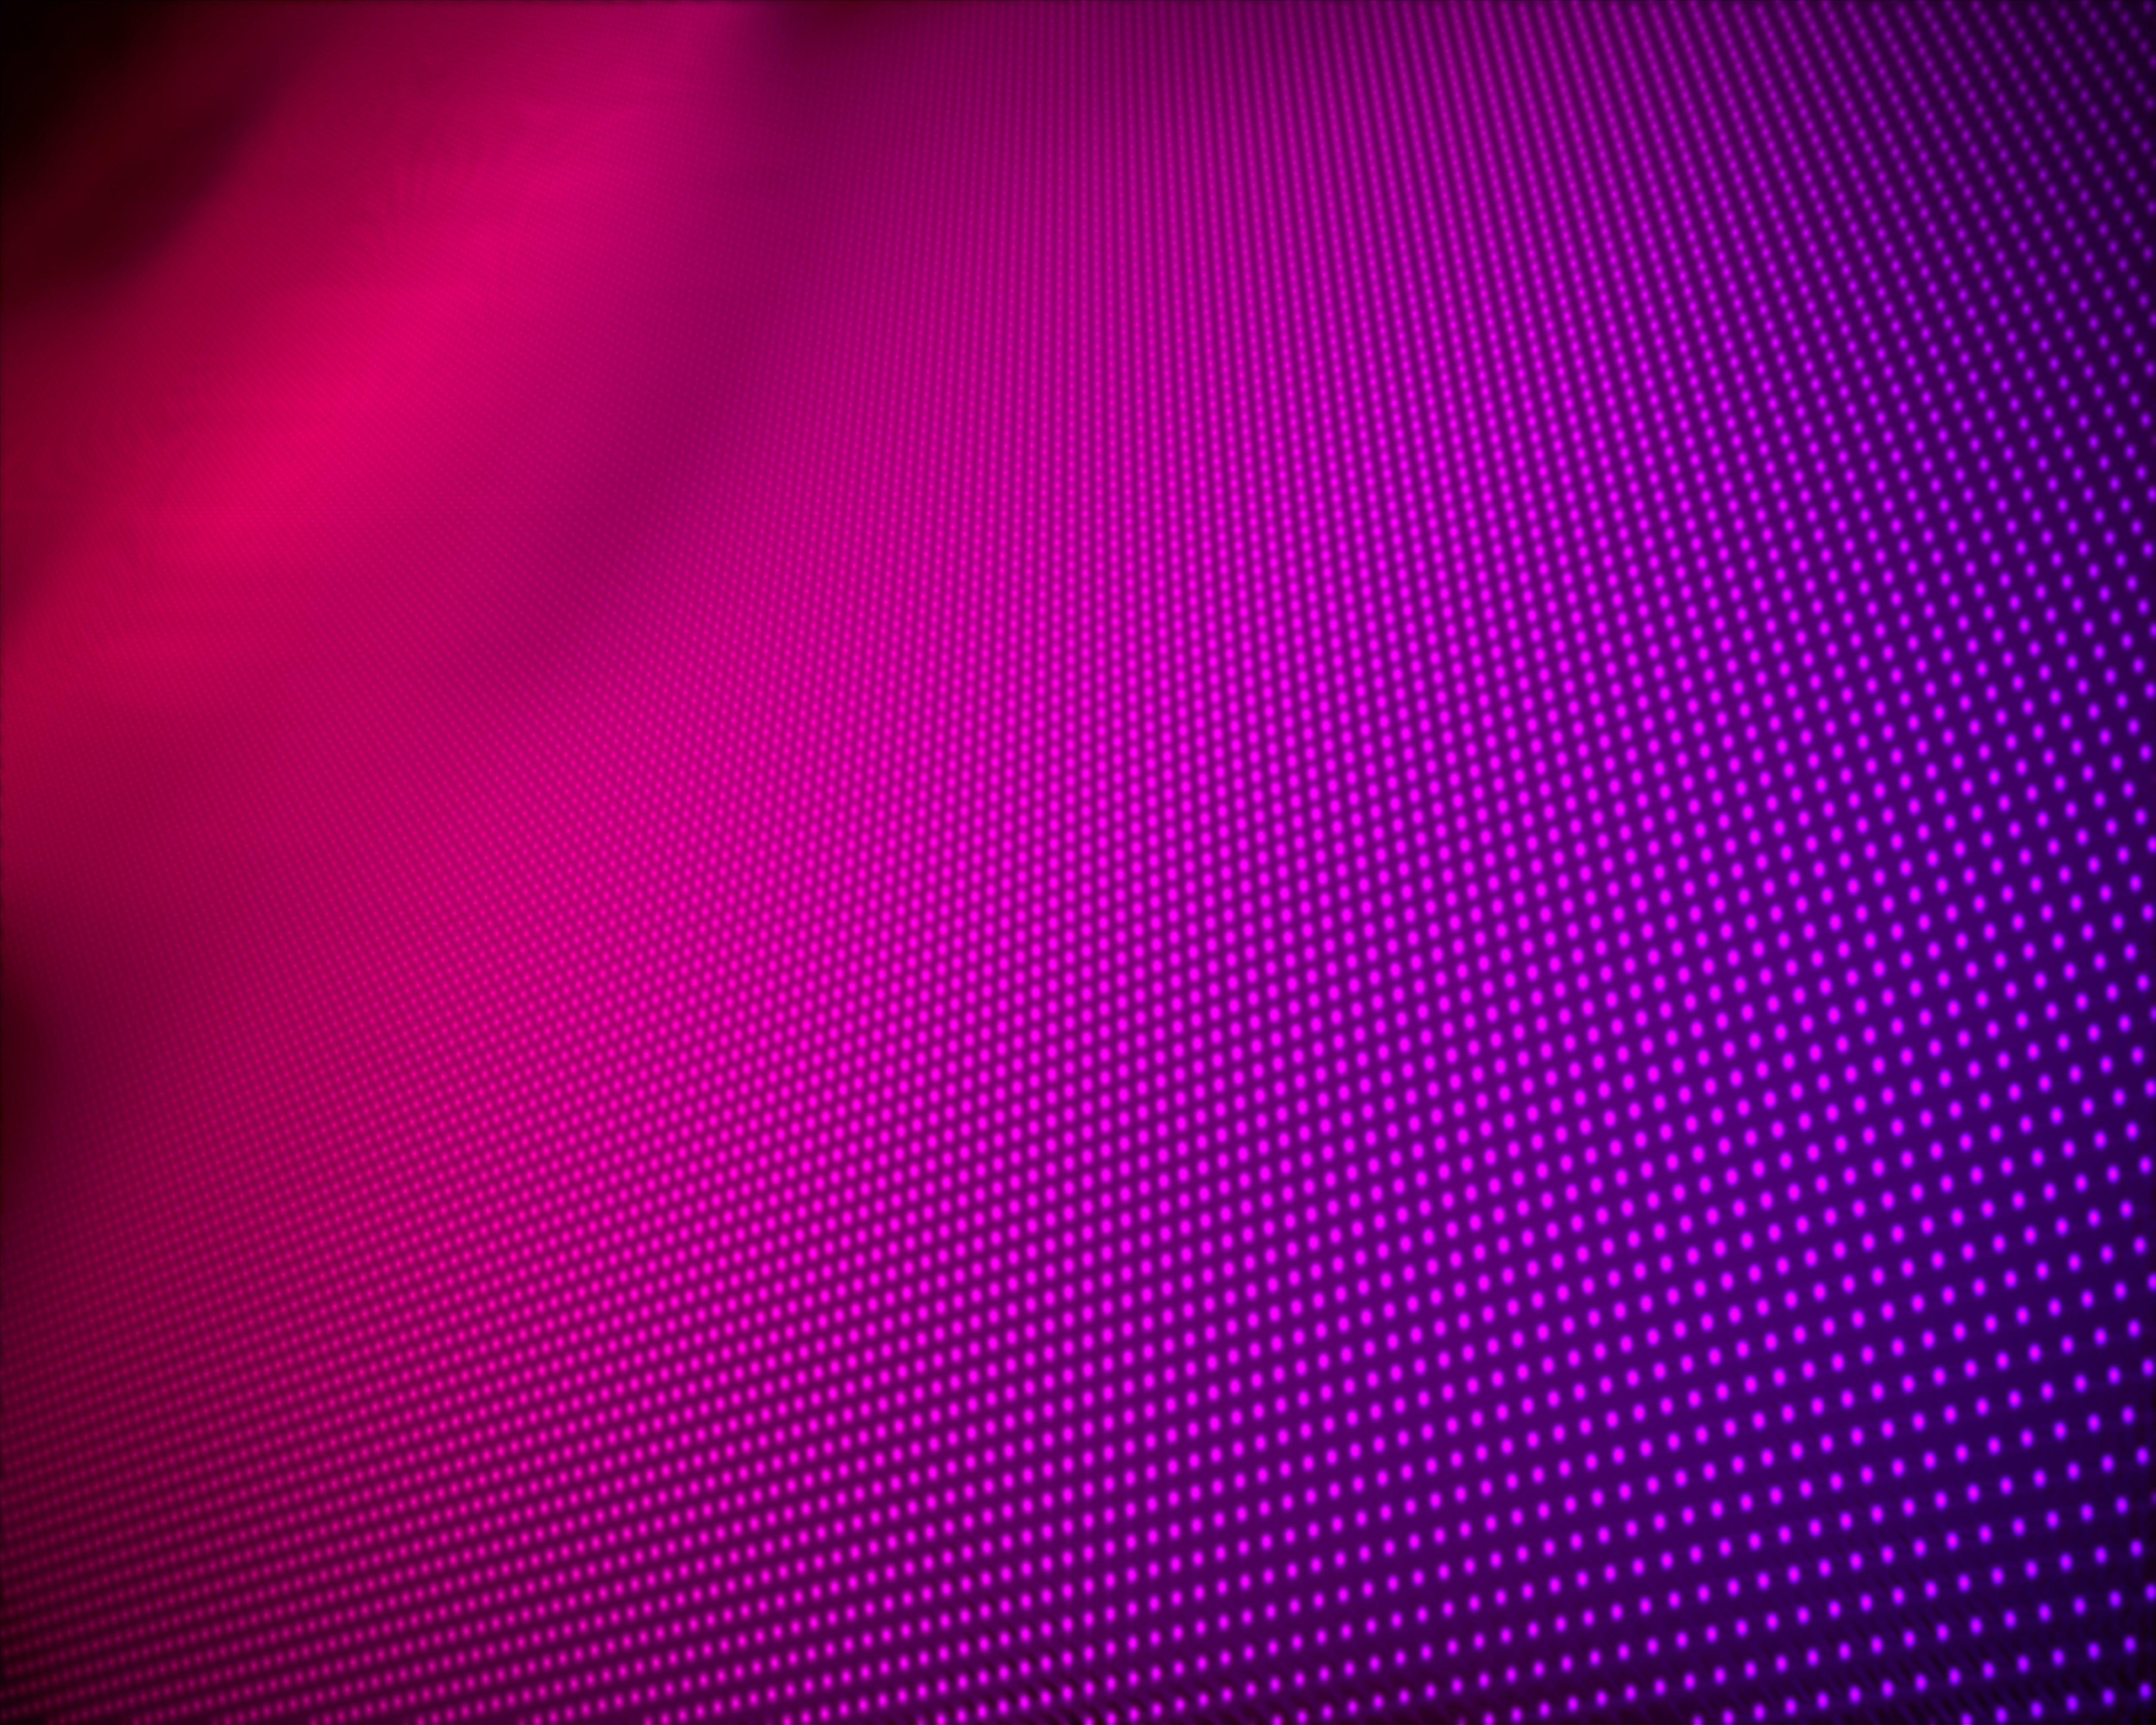 pink purple dot pattern background